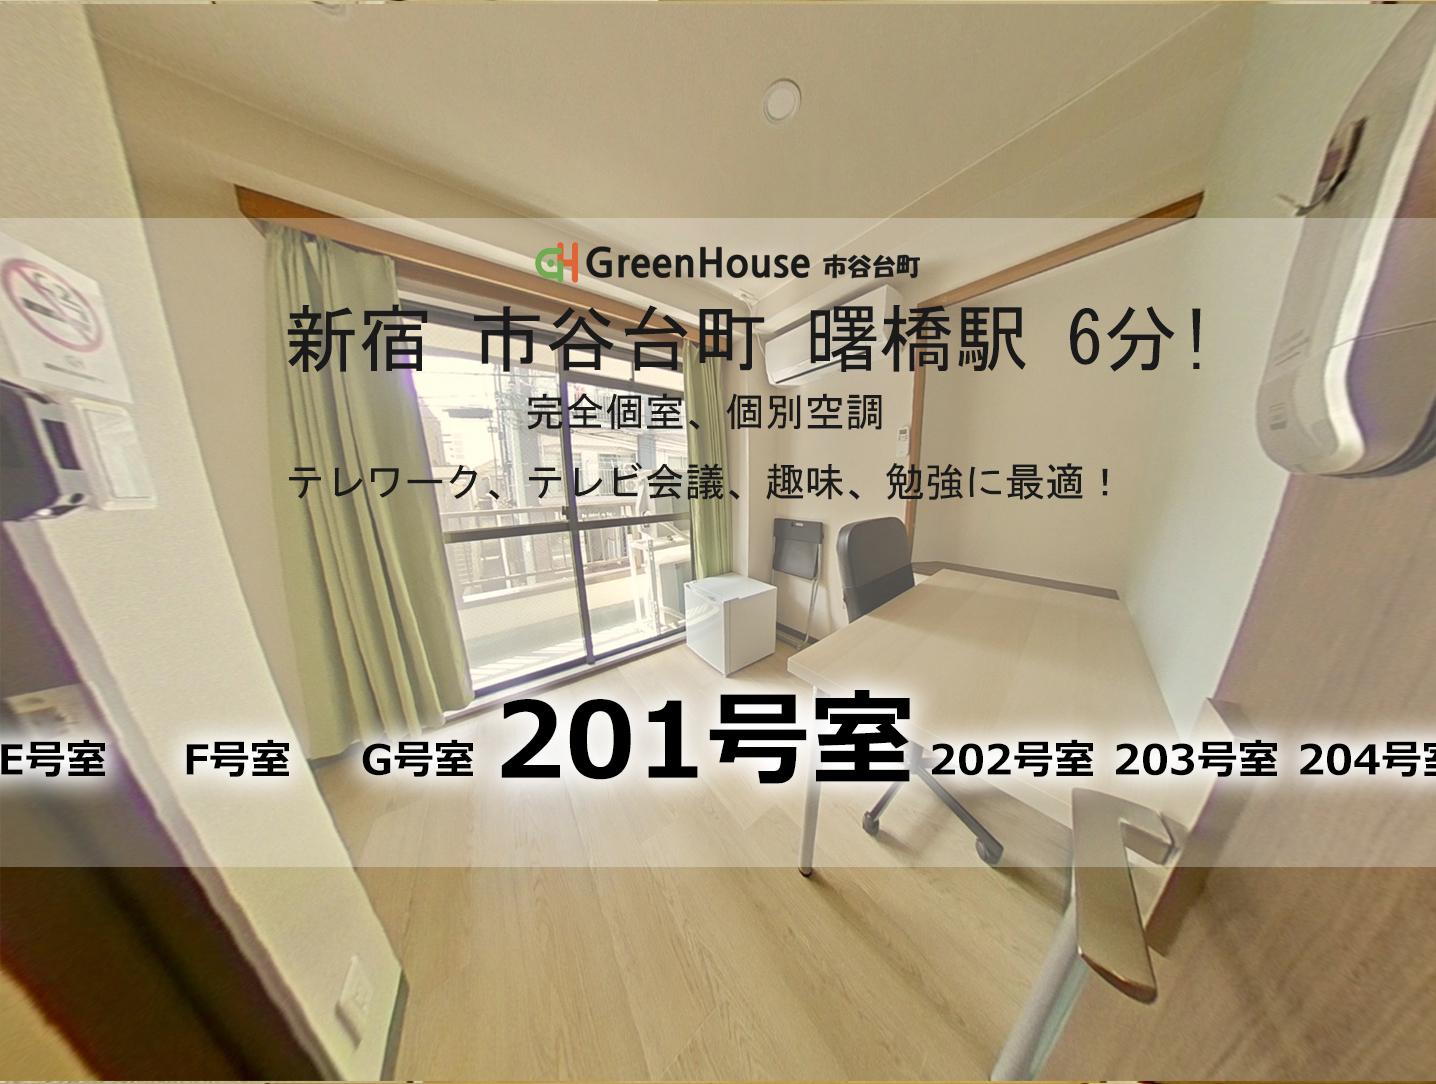 グリーンハウス 新宿市谷 新宿市谷-201号室貸切個室の室内の写真